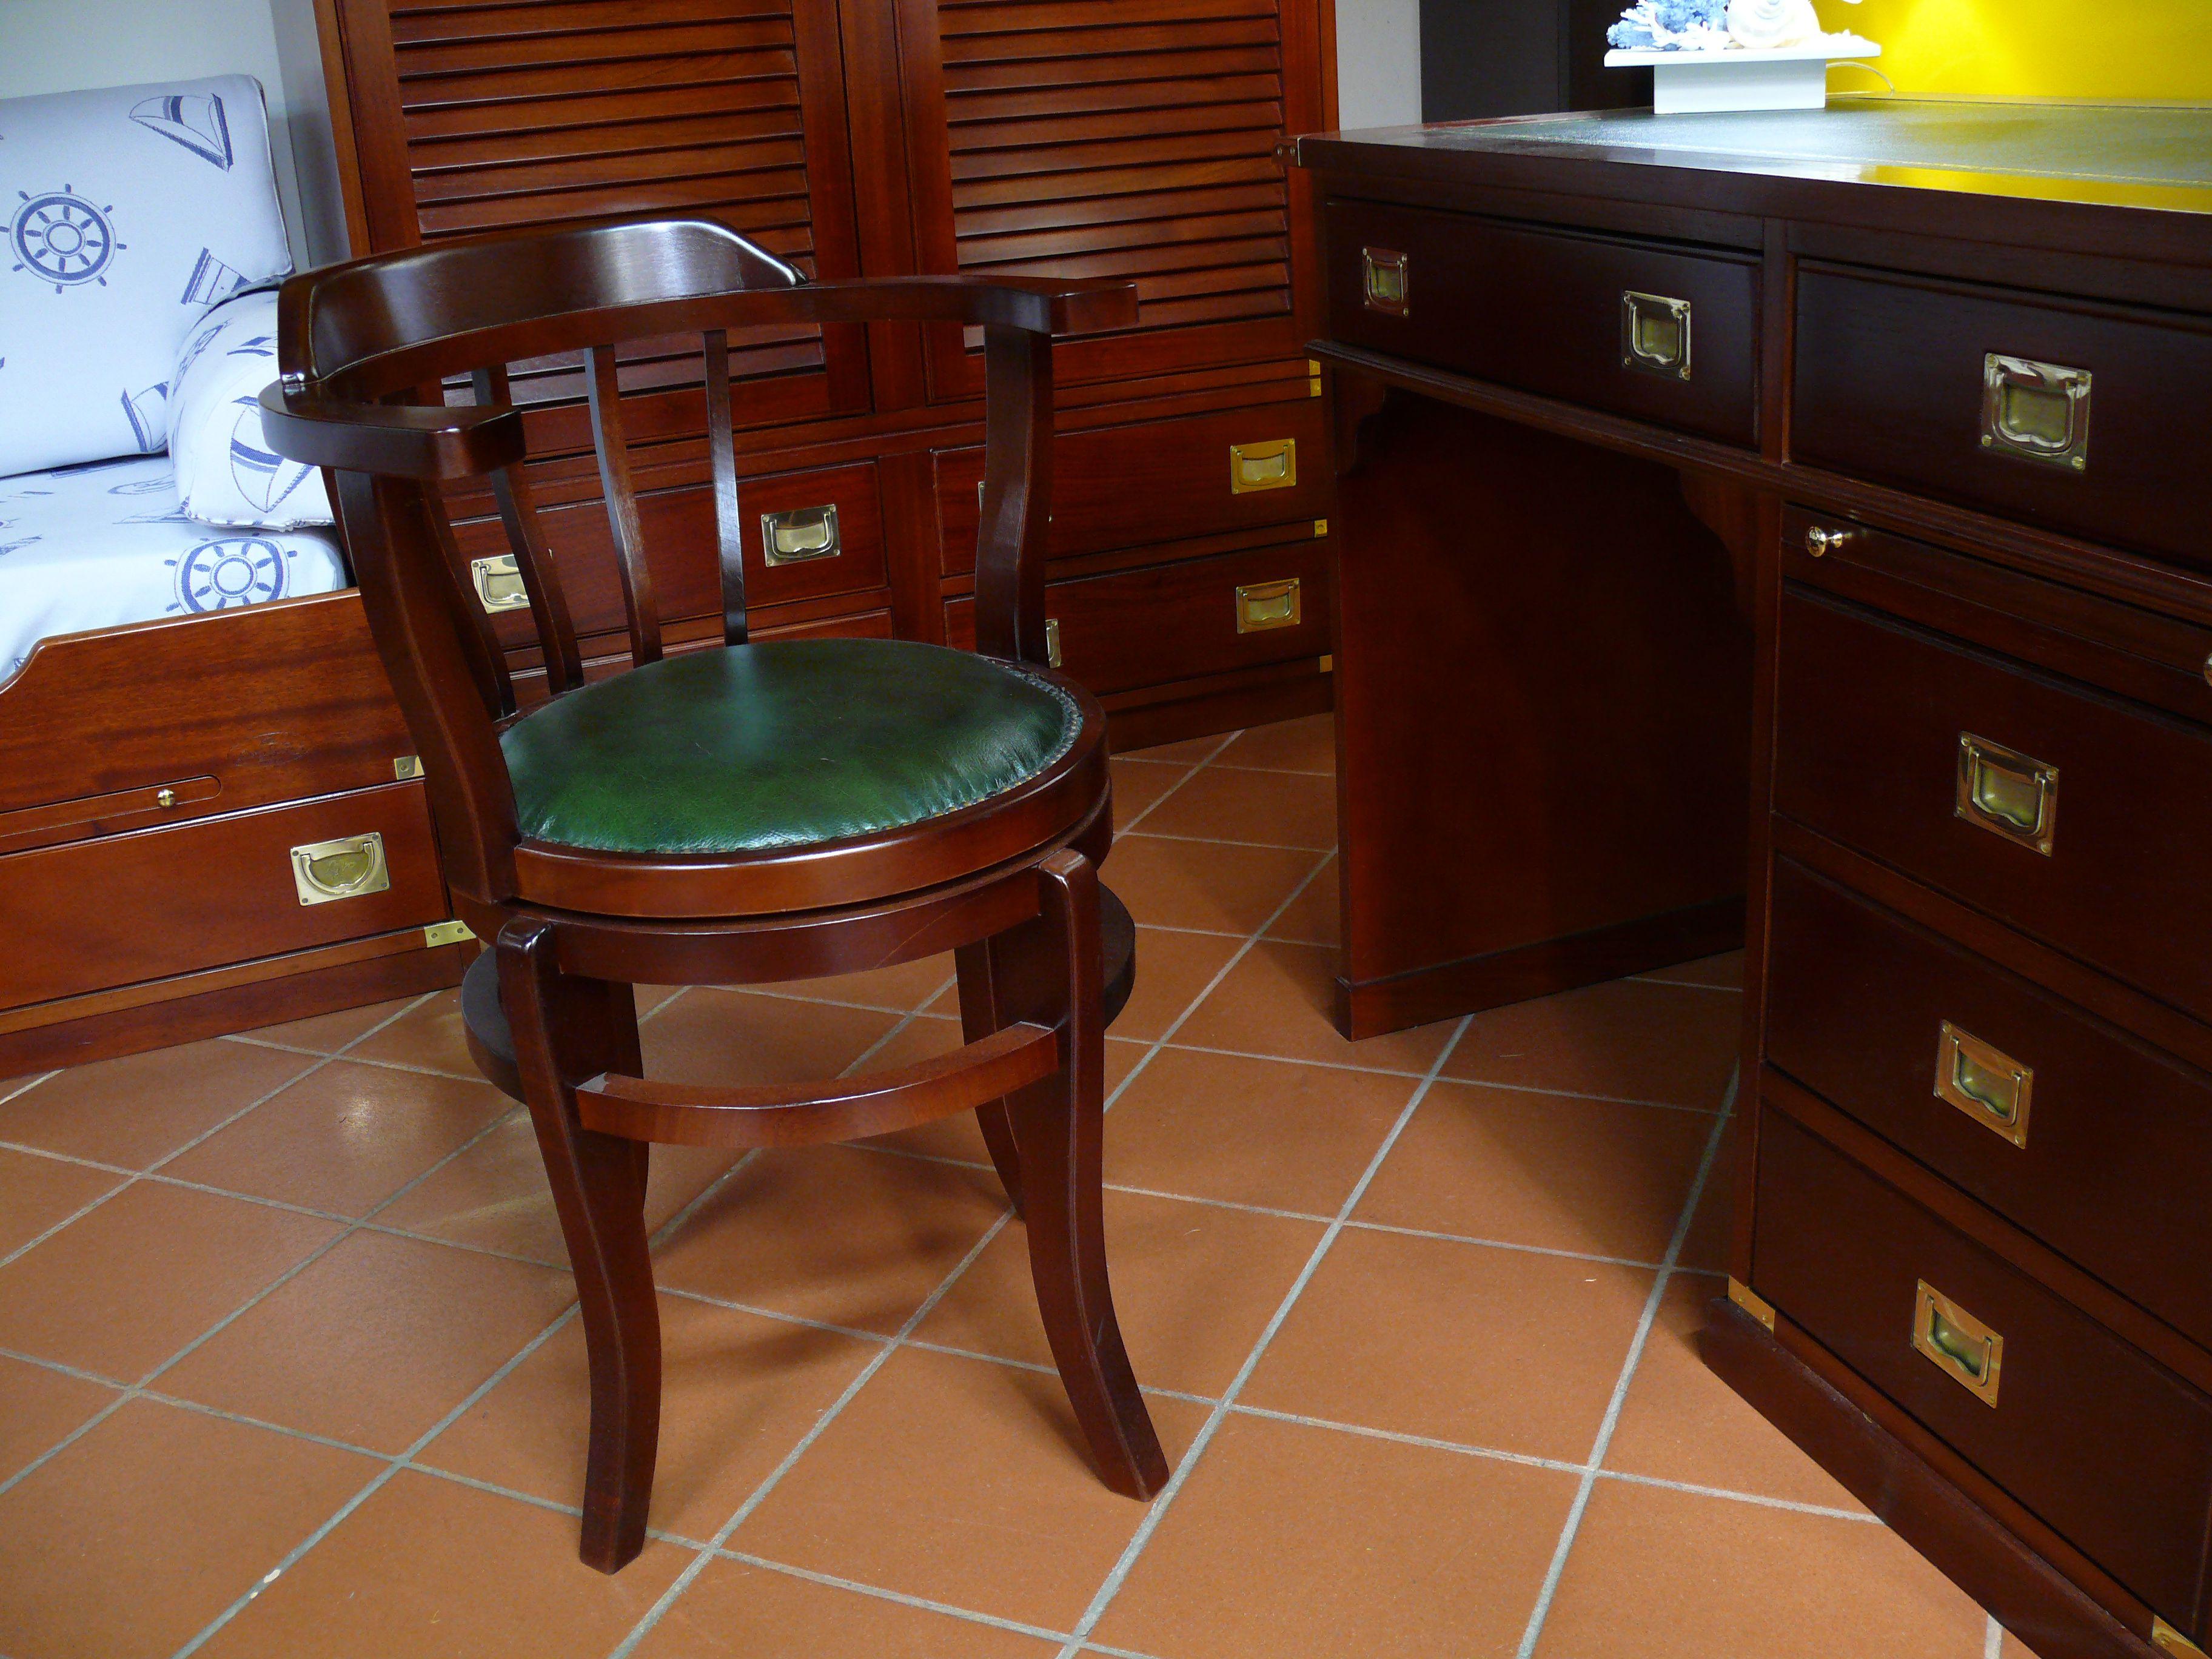 Sedia girevole con seduta in legno o pelle il vascello for Sedia girevole